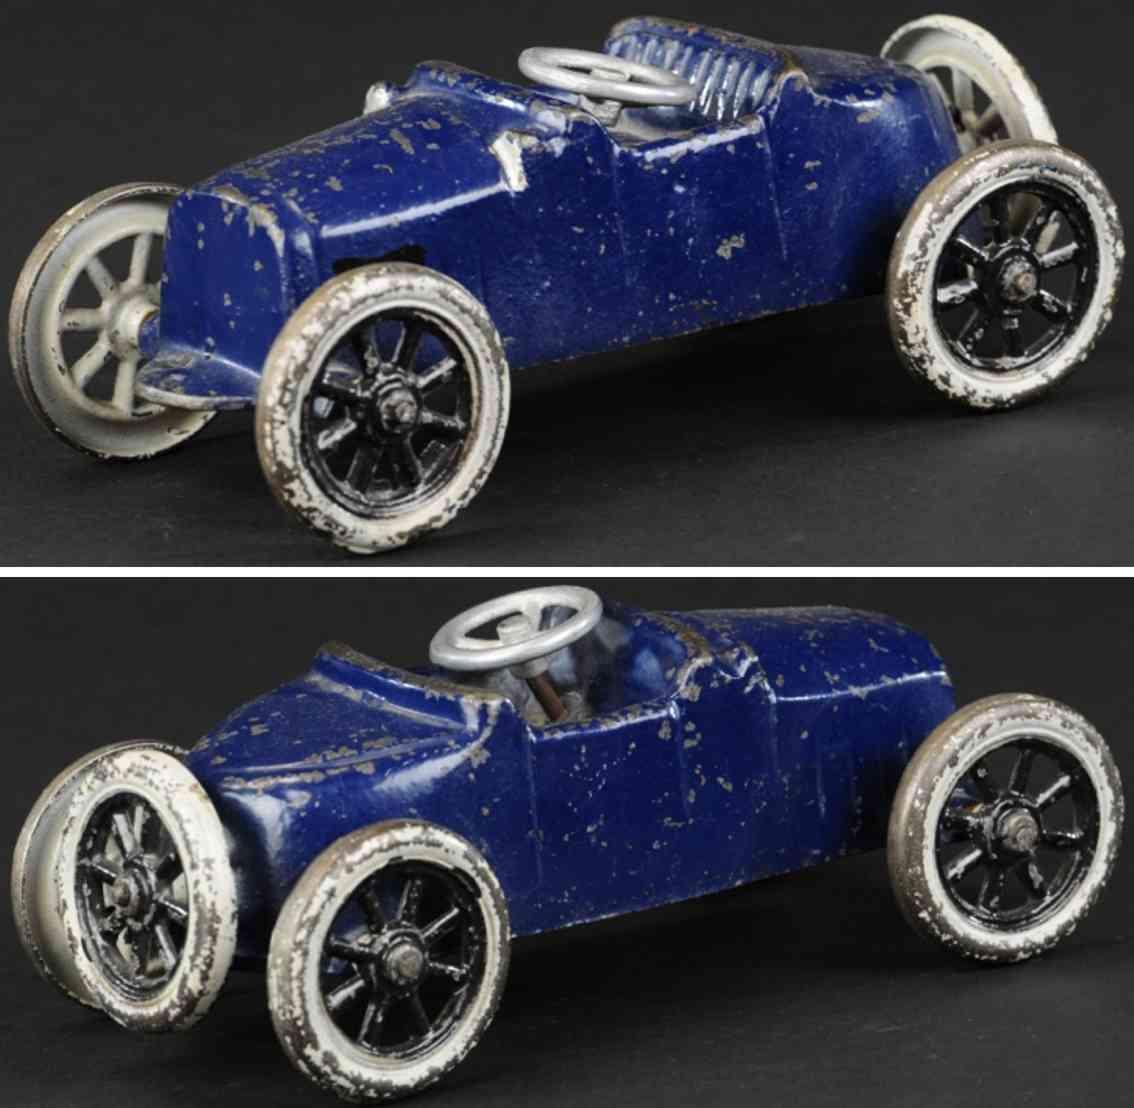 freidag cast iron toy racer car blue